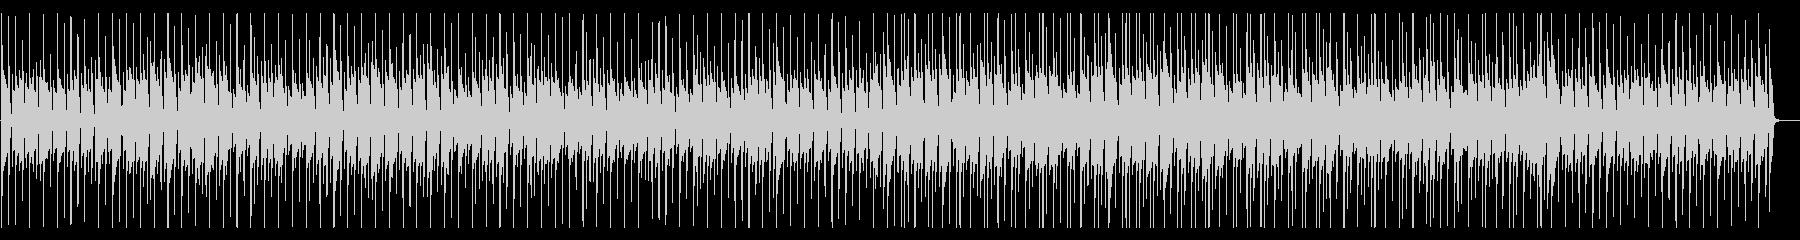 木琴の軽快なポップスの未再生の波形